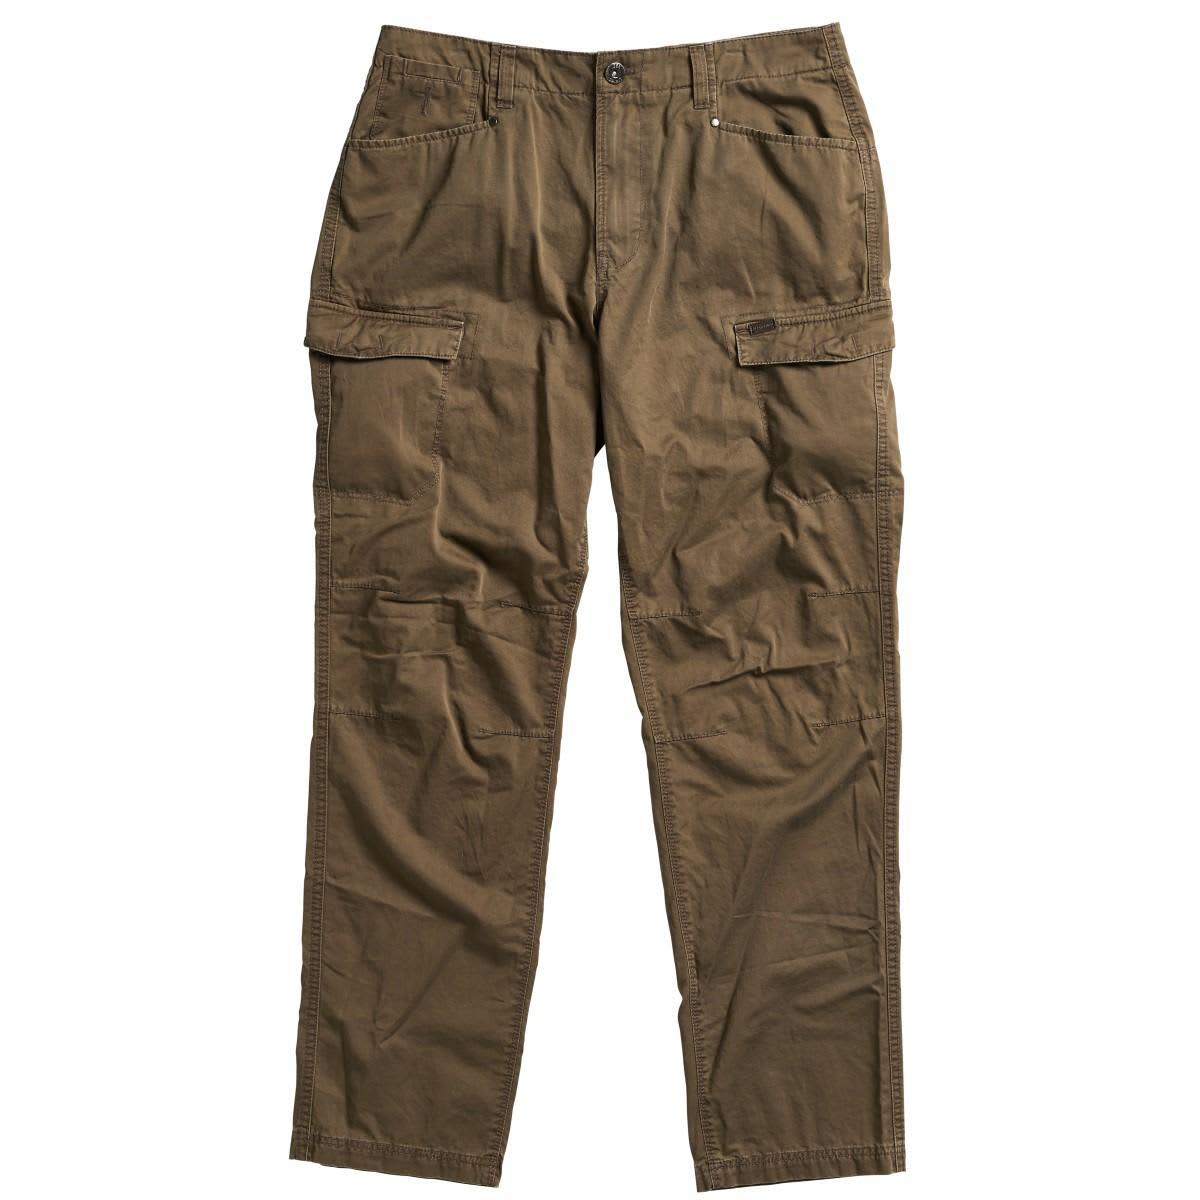 dd519b3d45a9ec Jeep Men's Cargo Pants